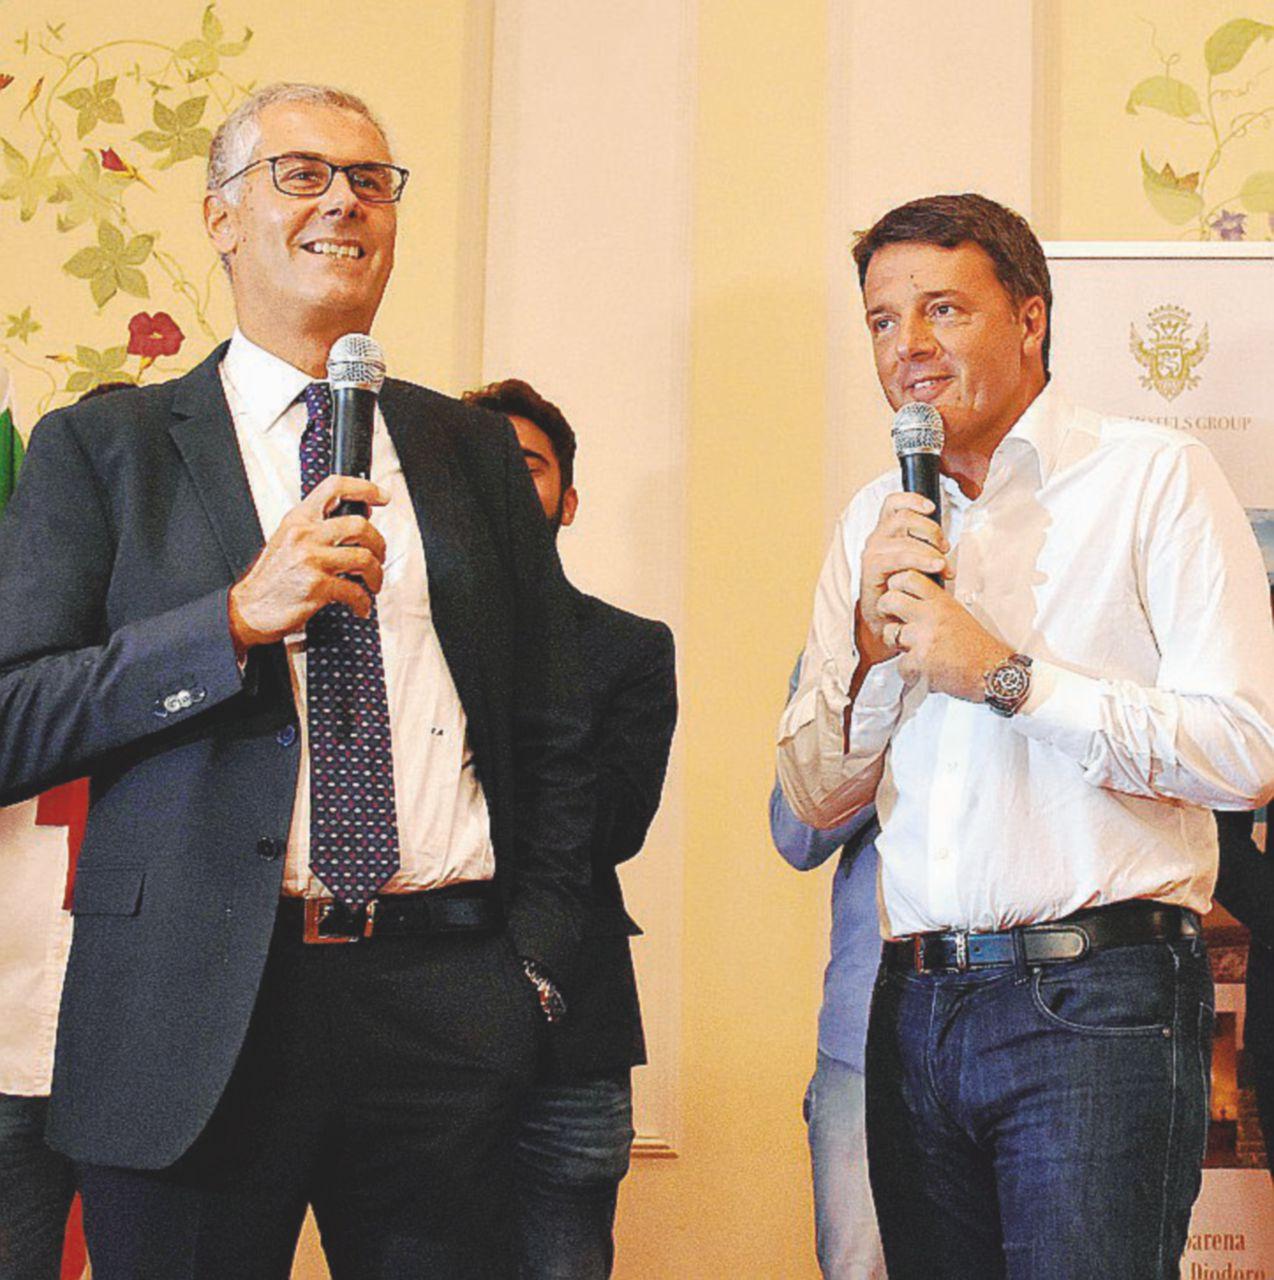 Sicilia: Micari, costruiremo Regione con le carte in regola